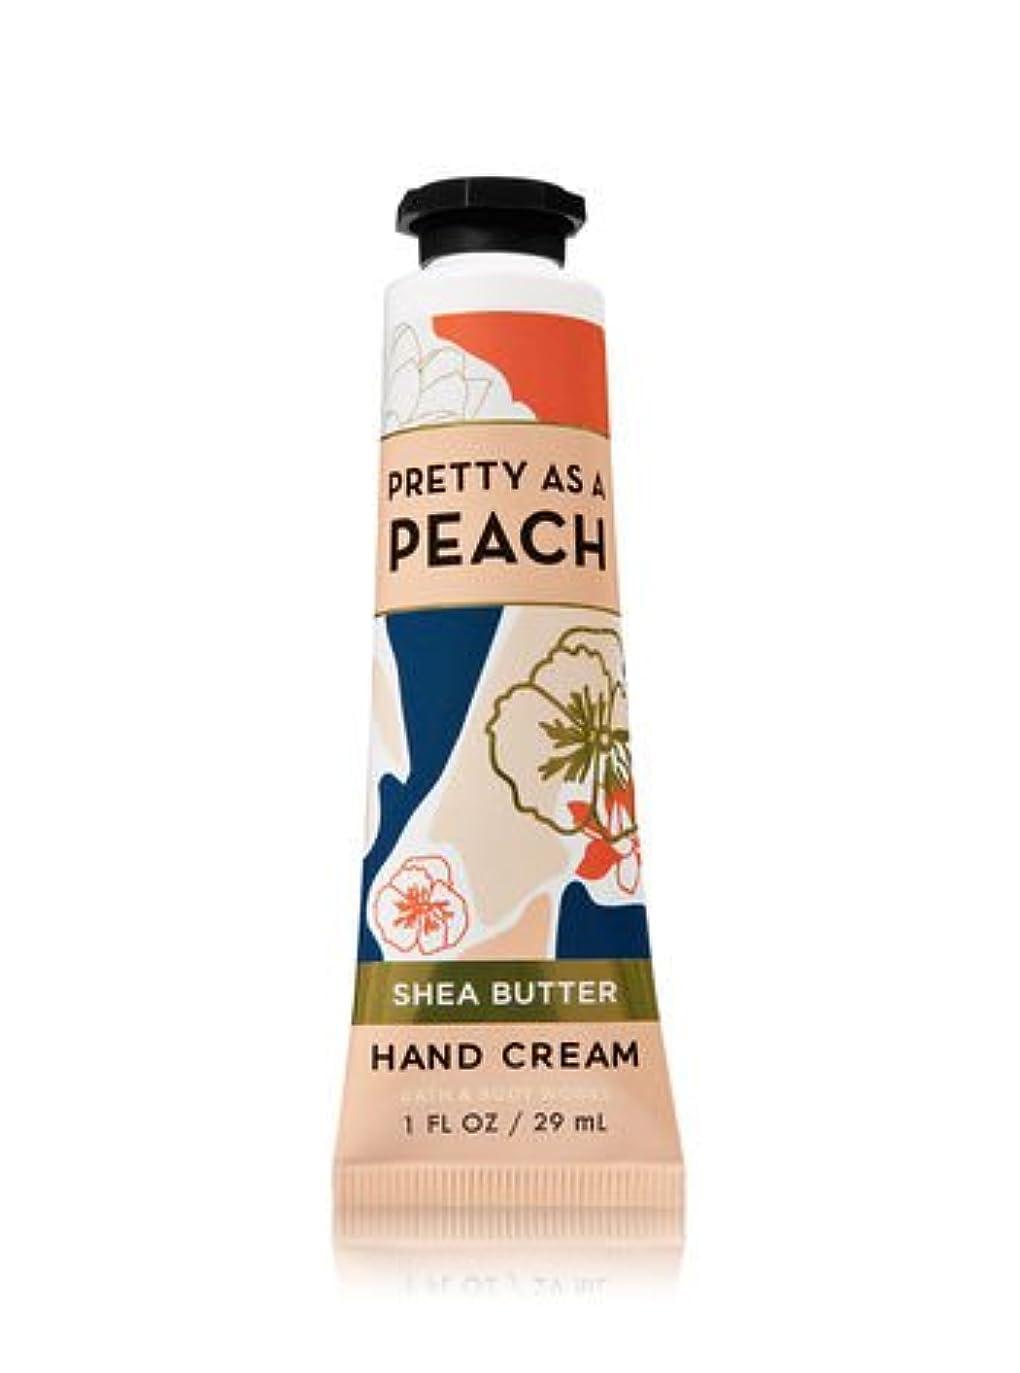 ゴージャス自転車和解する【Bath&Body Works/バス&ボディワークス】 シアバター ハンドクリーム プリティーアズアピーチ Shea Butter Hand Cream Pretty As A Peach 1 fl oz / 29 mL...